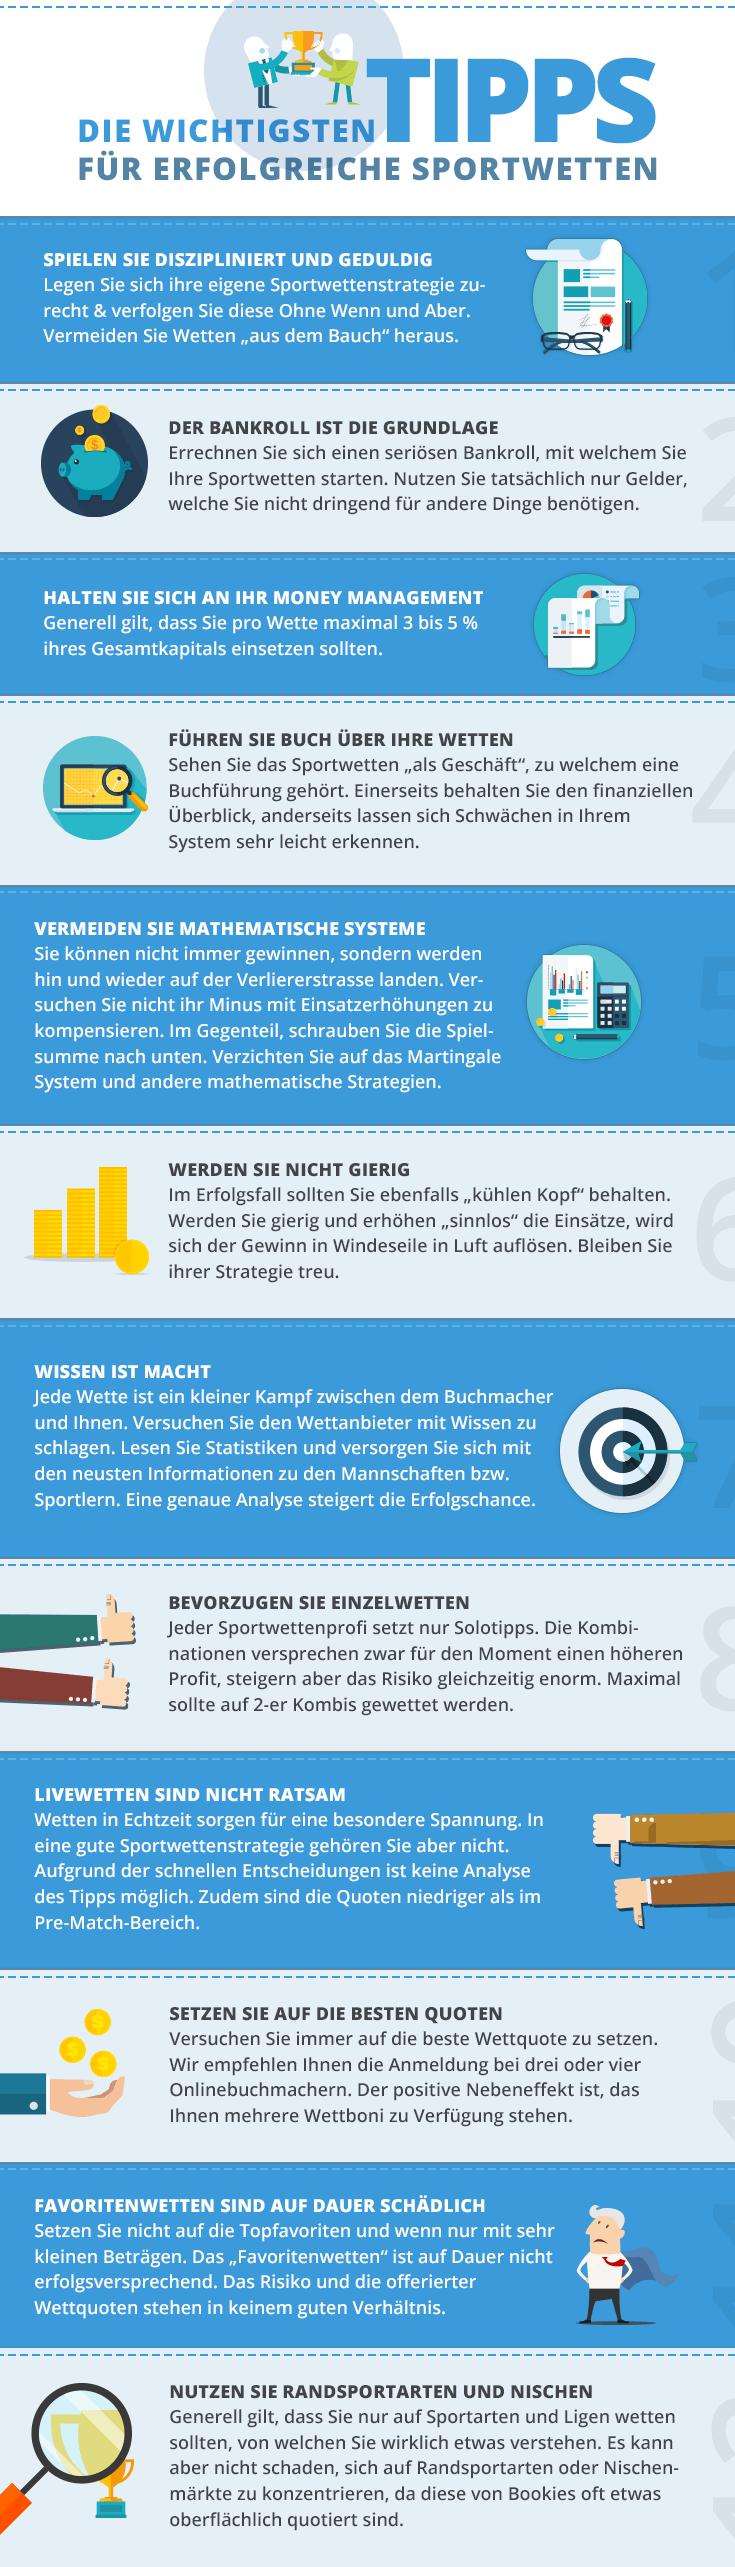 21 Sportwetten Tipps – Besser wetten & mehr gewinnen!